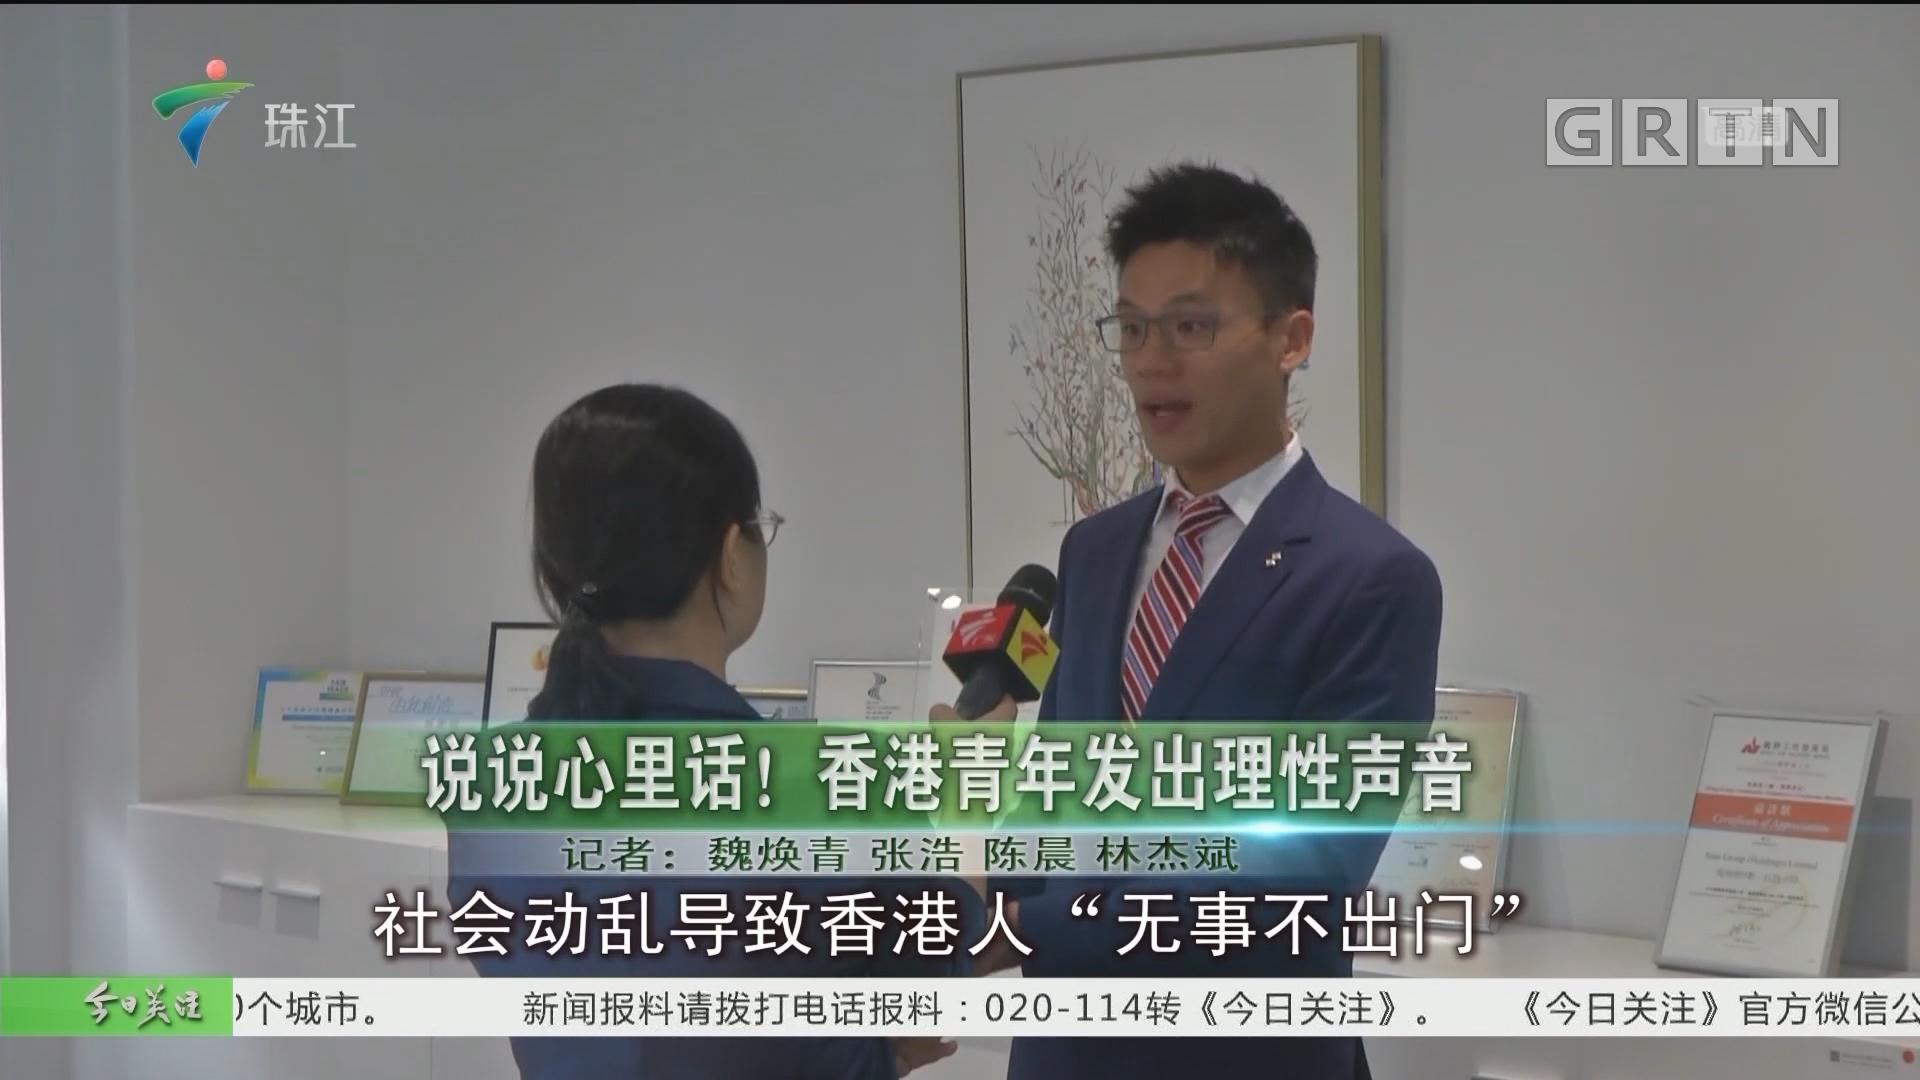 说说心里话!香港青年发出理性声音